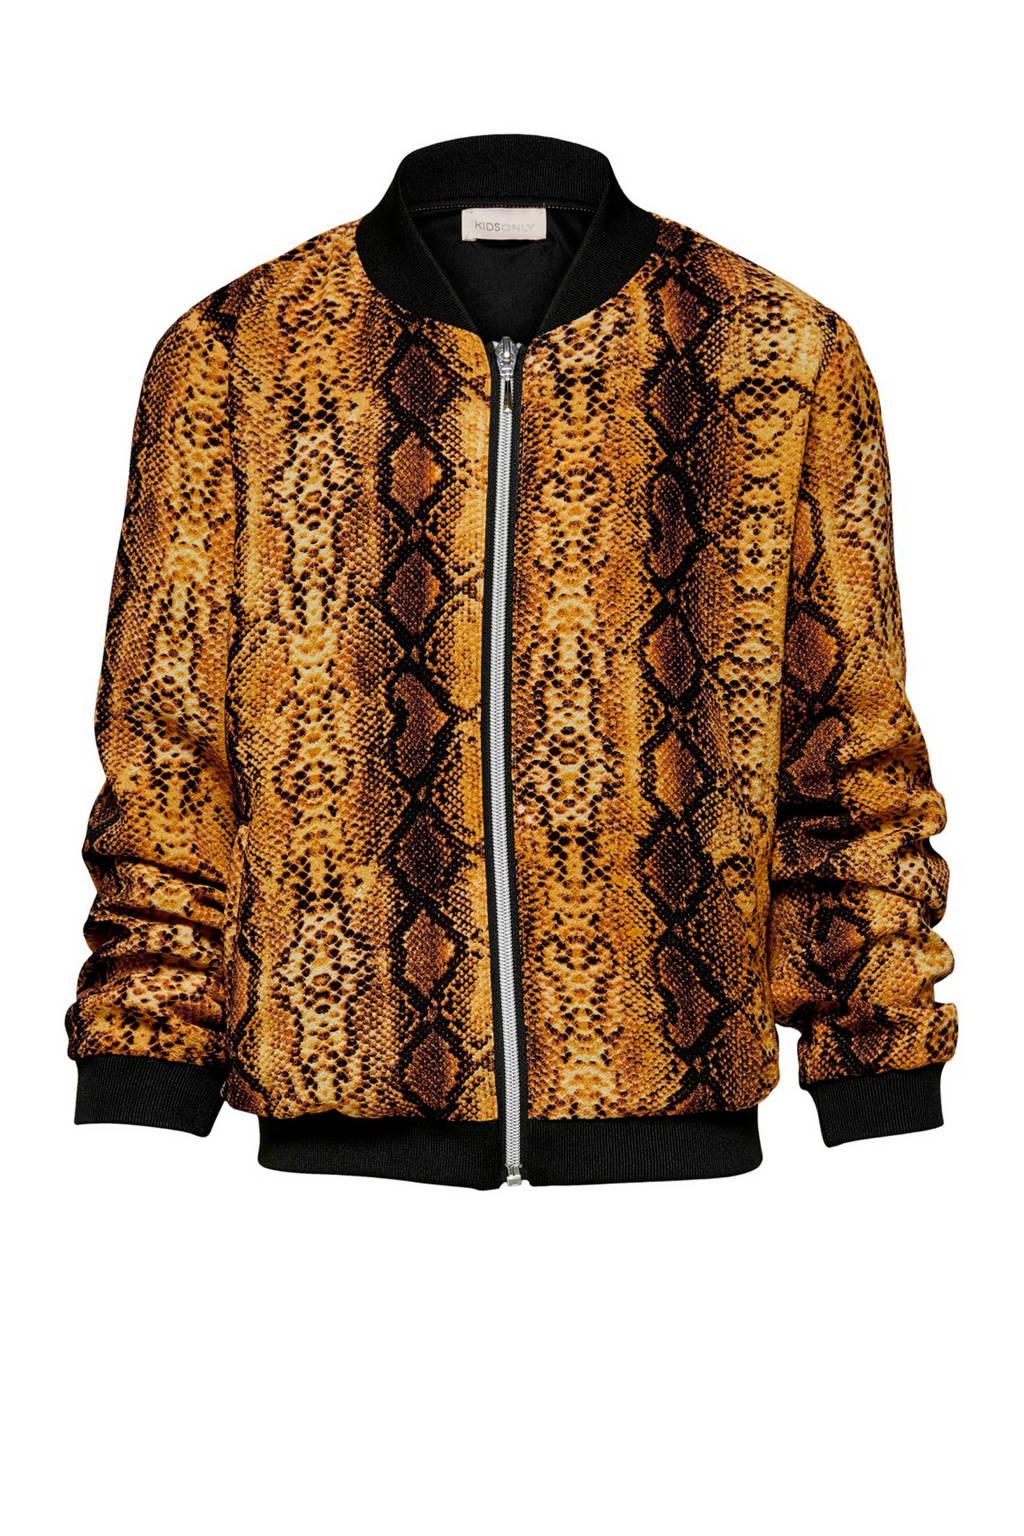 KIDS ONLY vest Coco met dierenprint goudgeel/ zwart, Goudgeel/ zwart